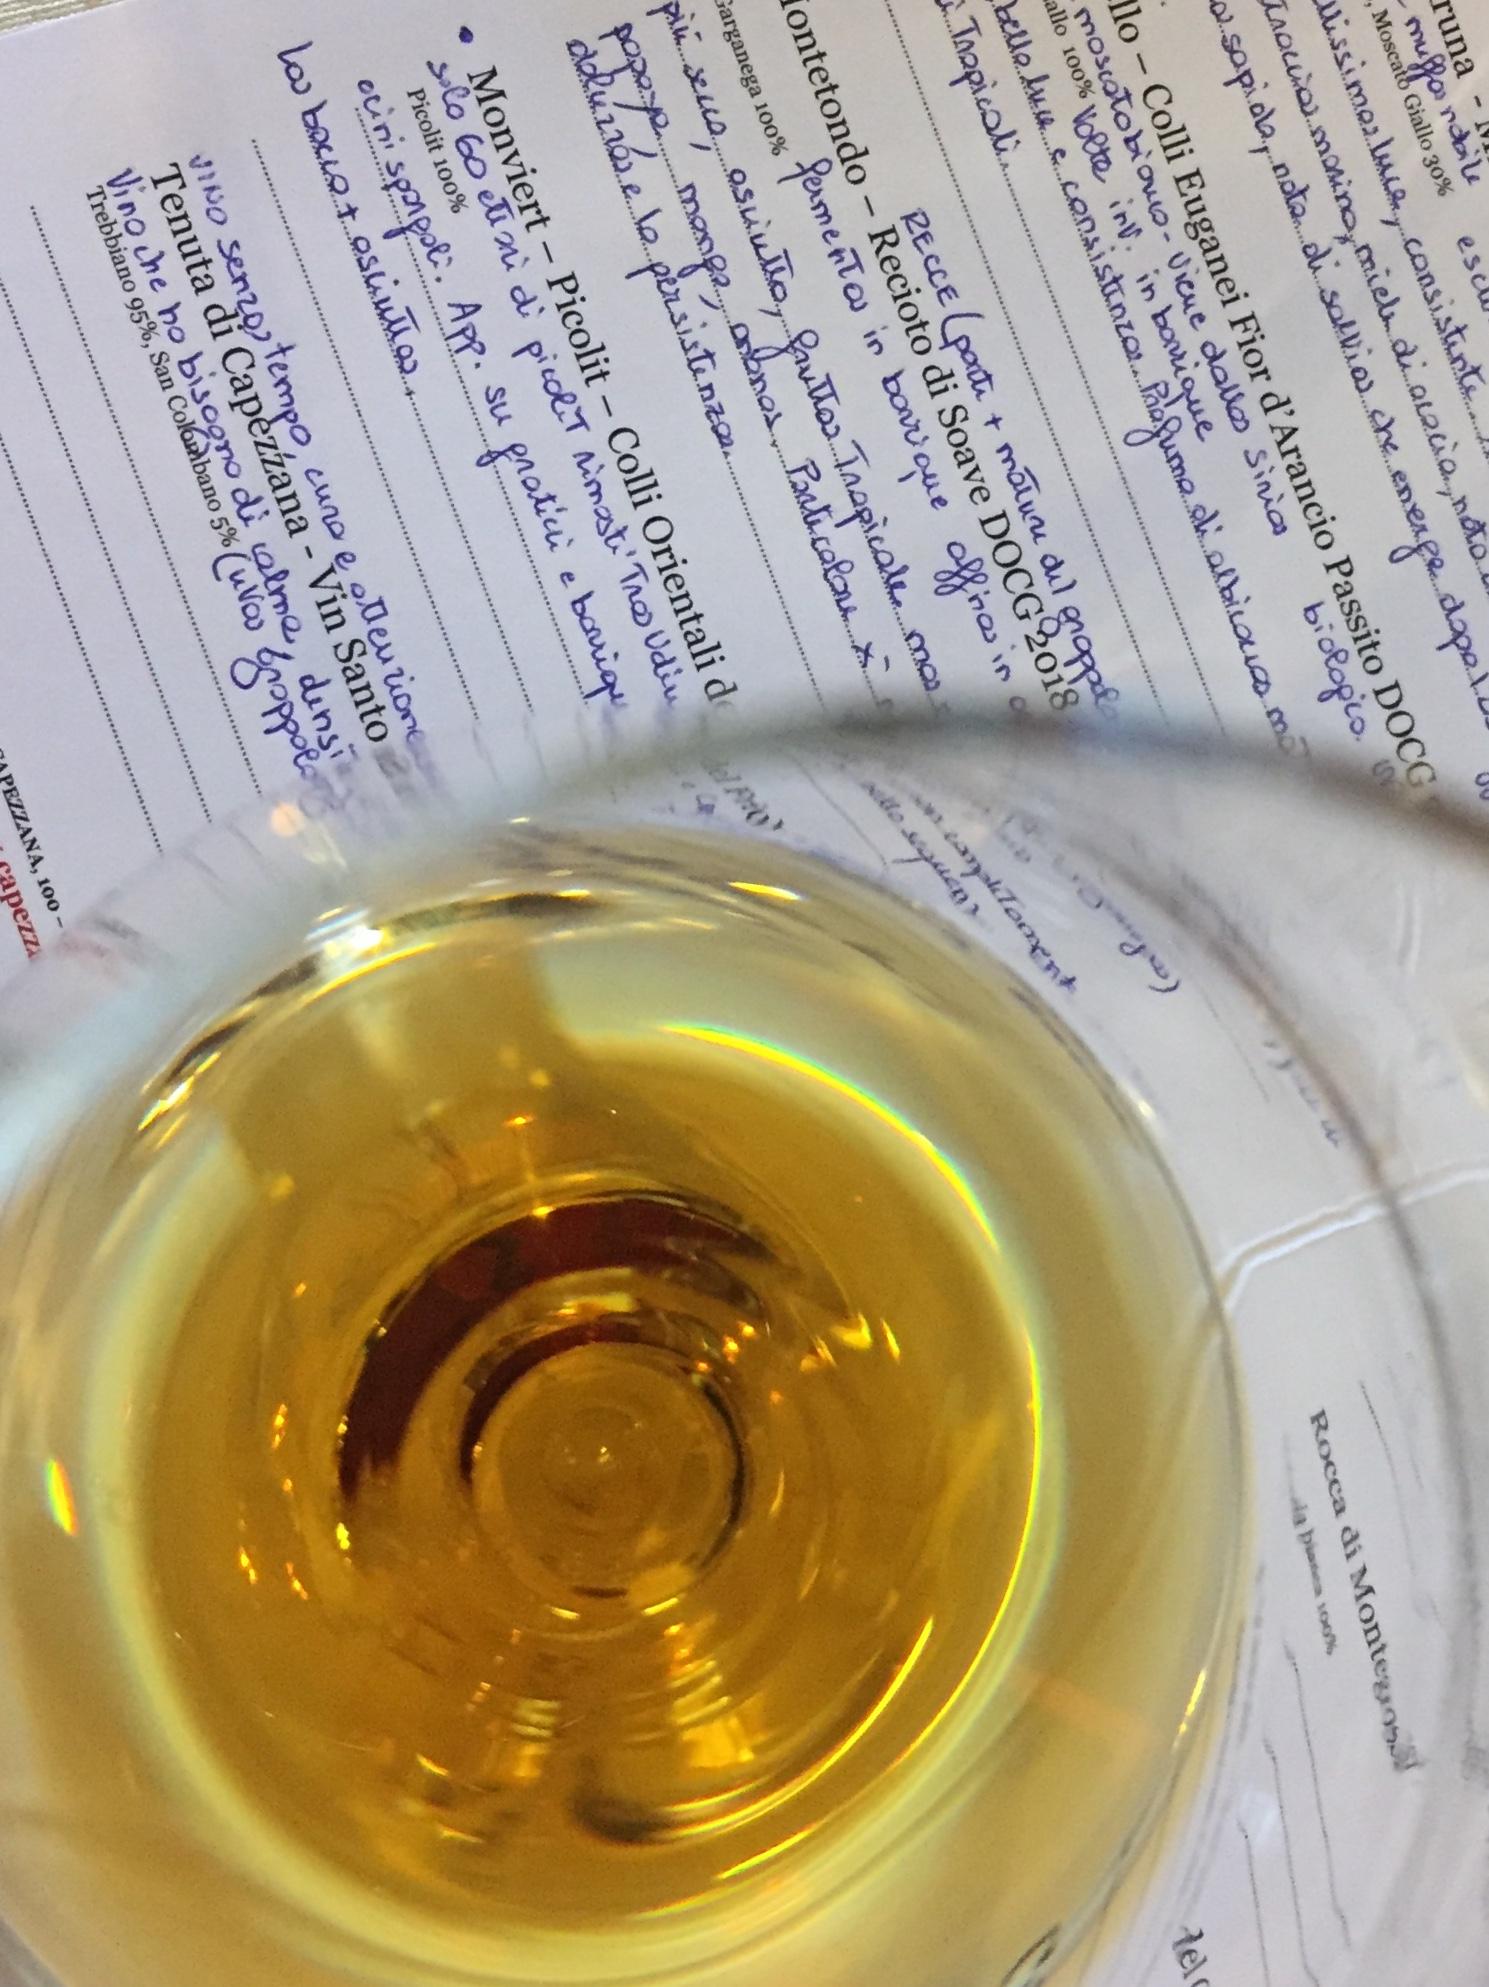 capezzana vin santo